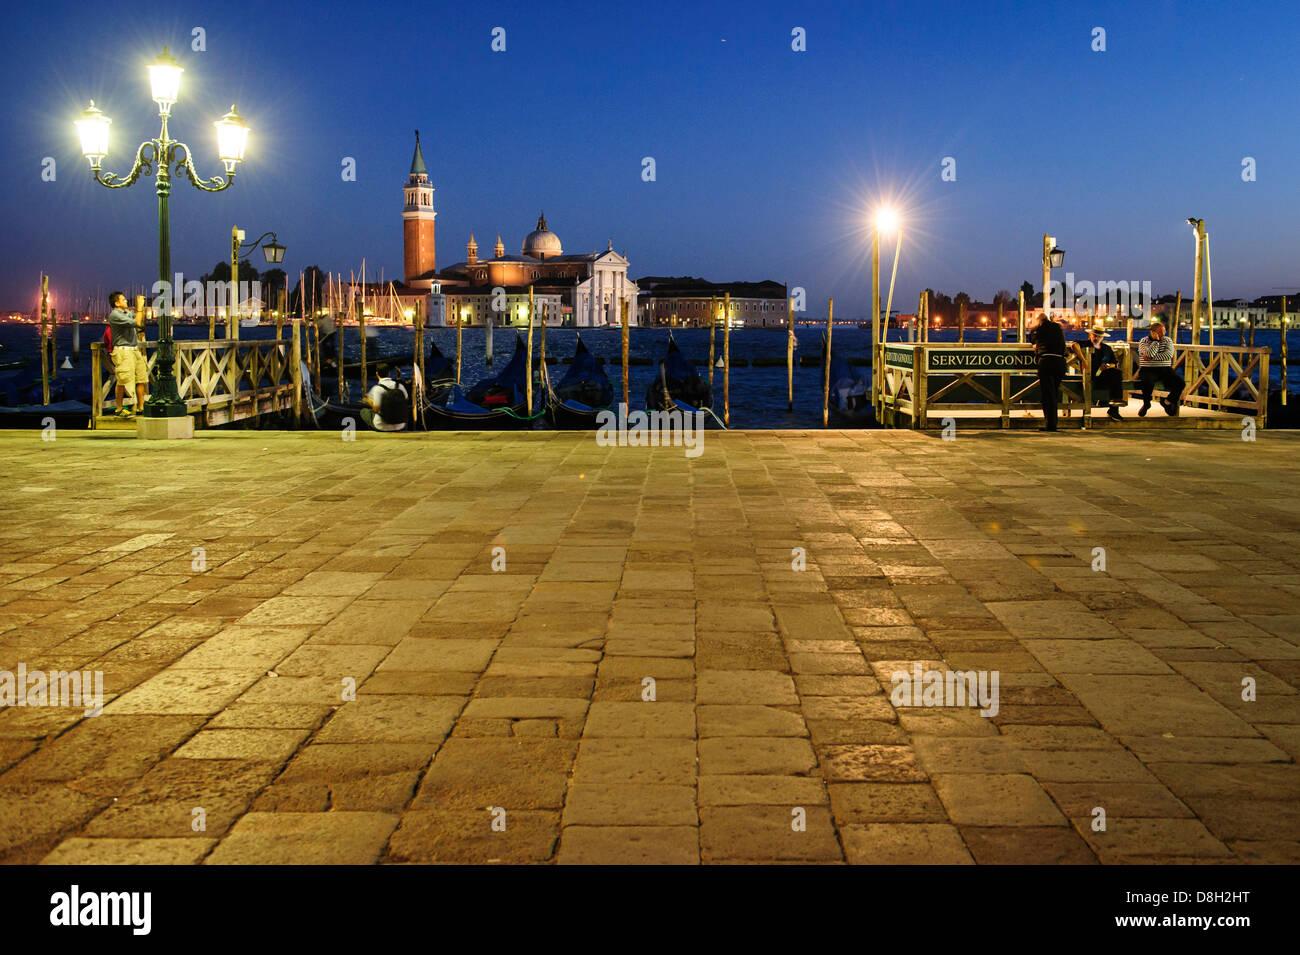 Gondoleros en Venecia a la zona ribereña de la ciudad por la noche, la ciudad de Venecia, Italia. Foto de stock